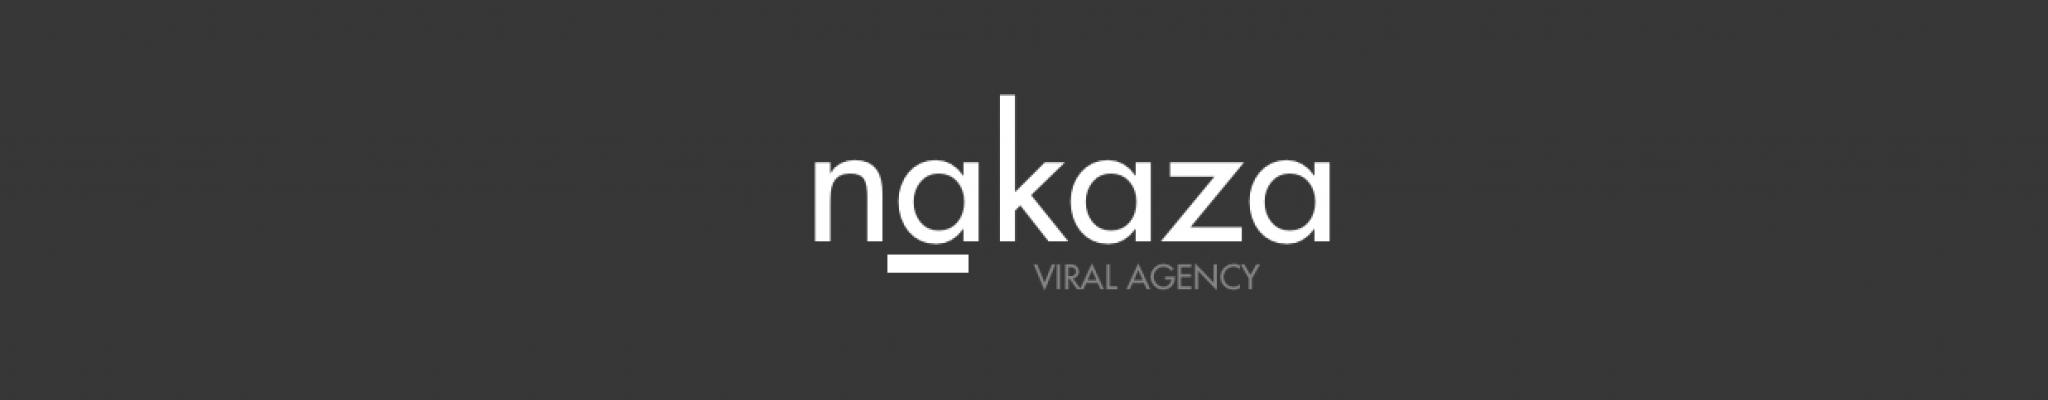 nakaza logo 1